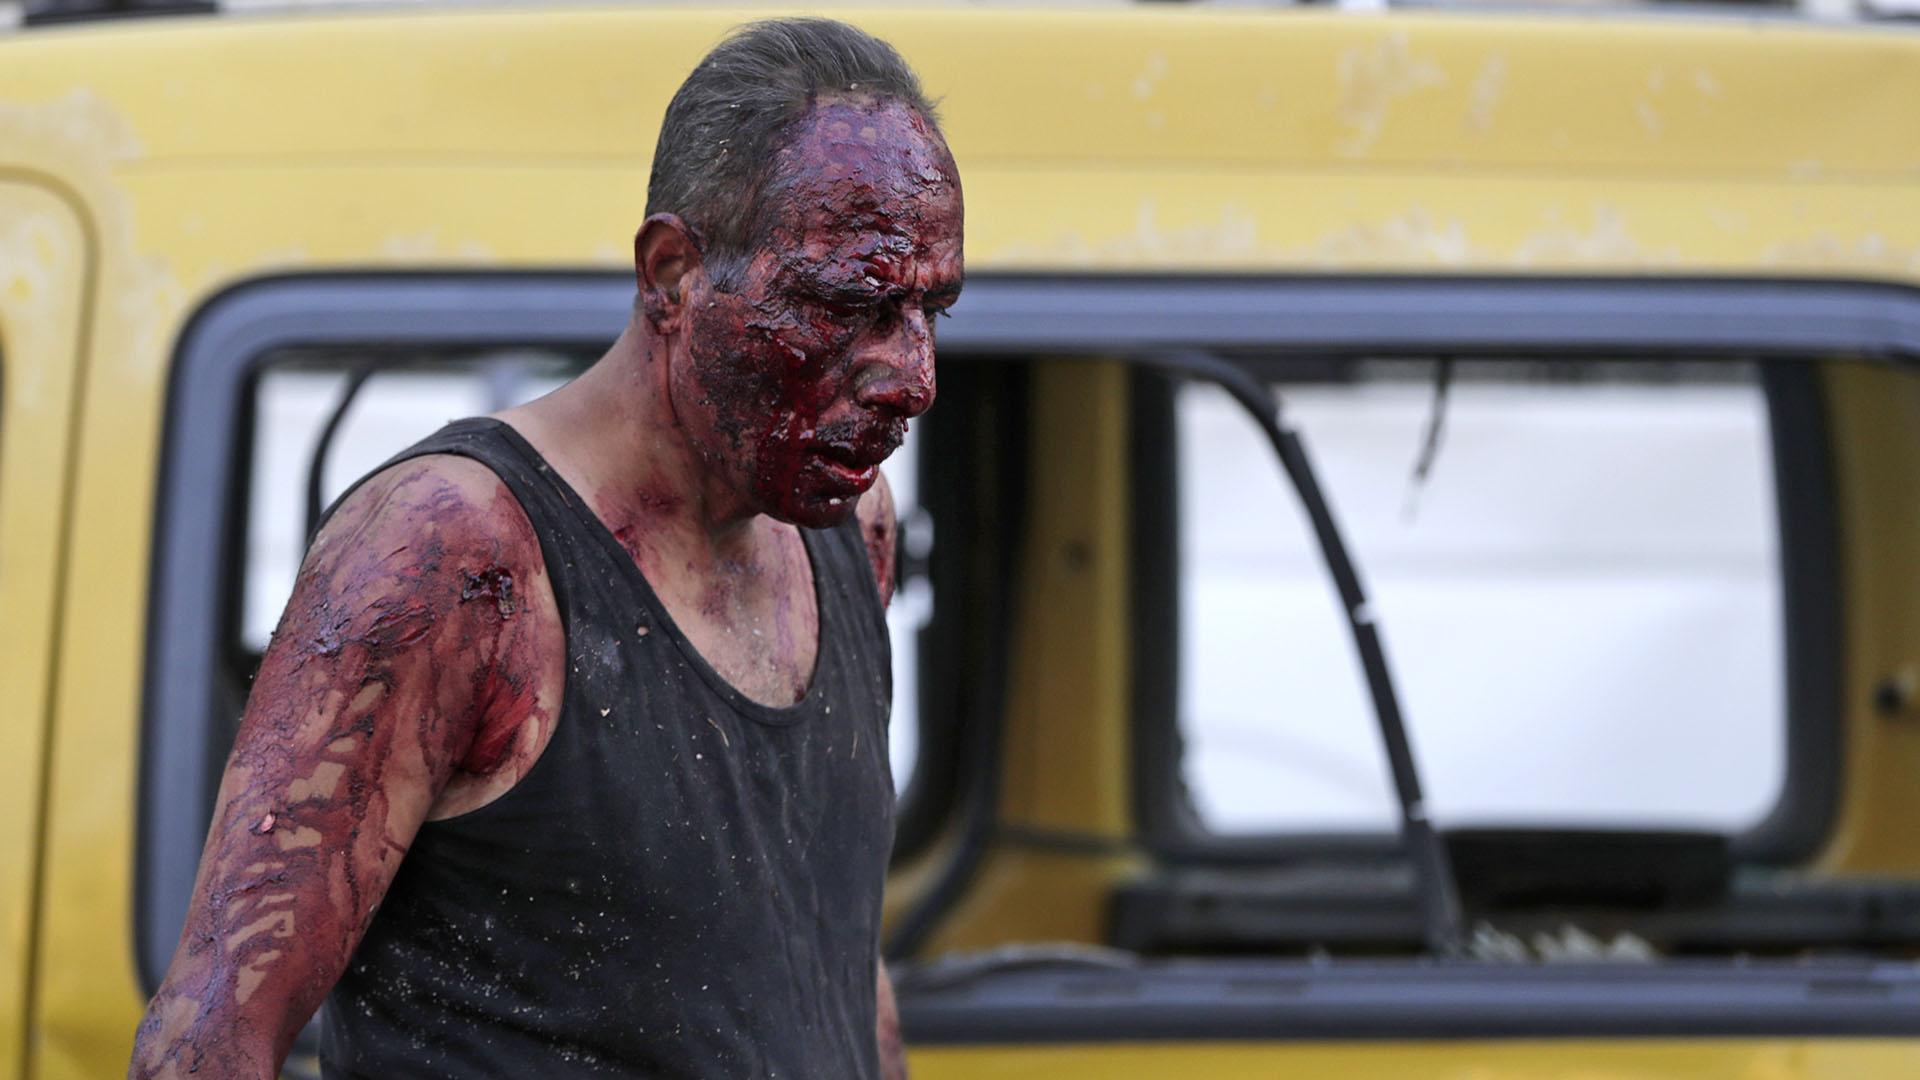 Uno de los sobrevivientes, con heridas sangrantes en todo el cuerpo (AFP)